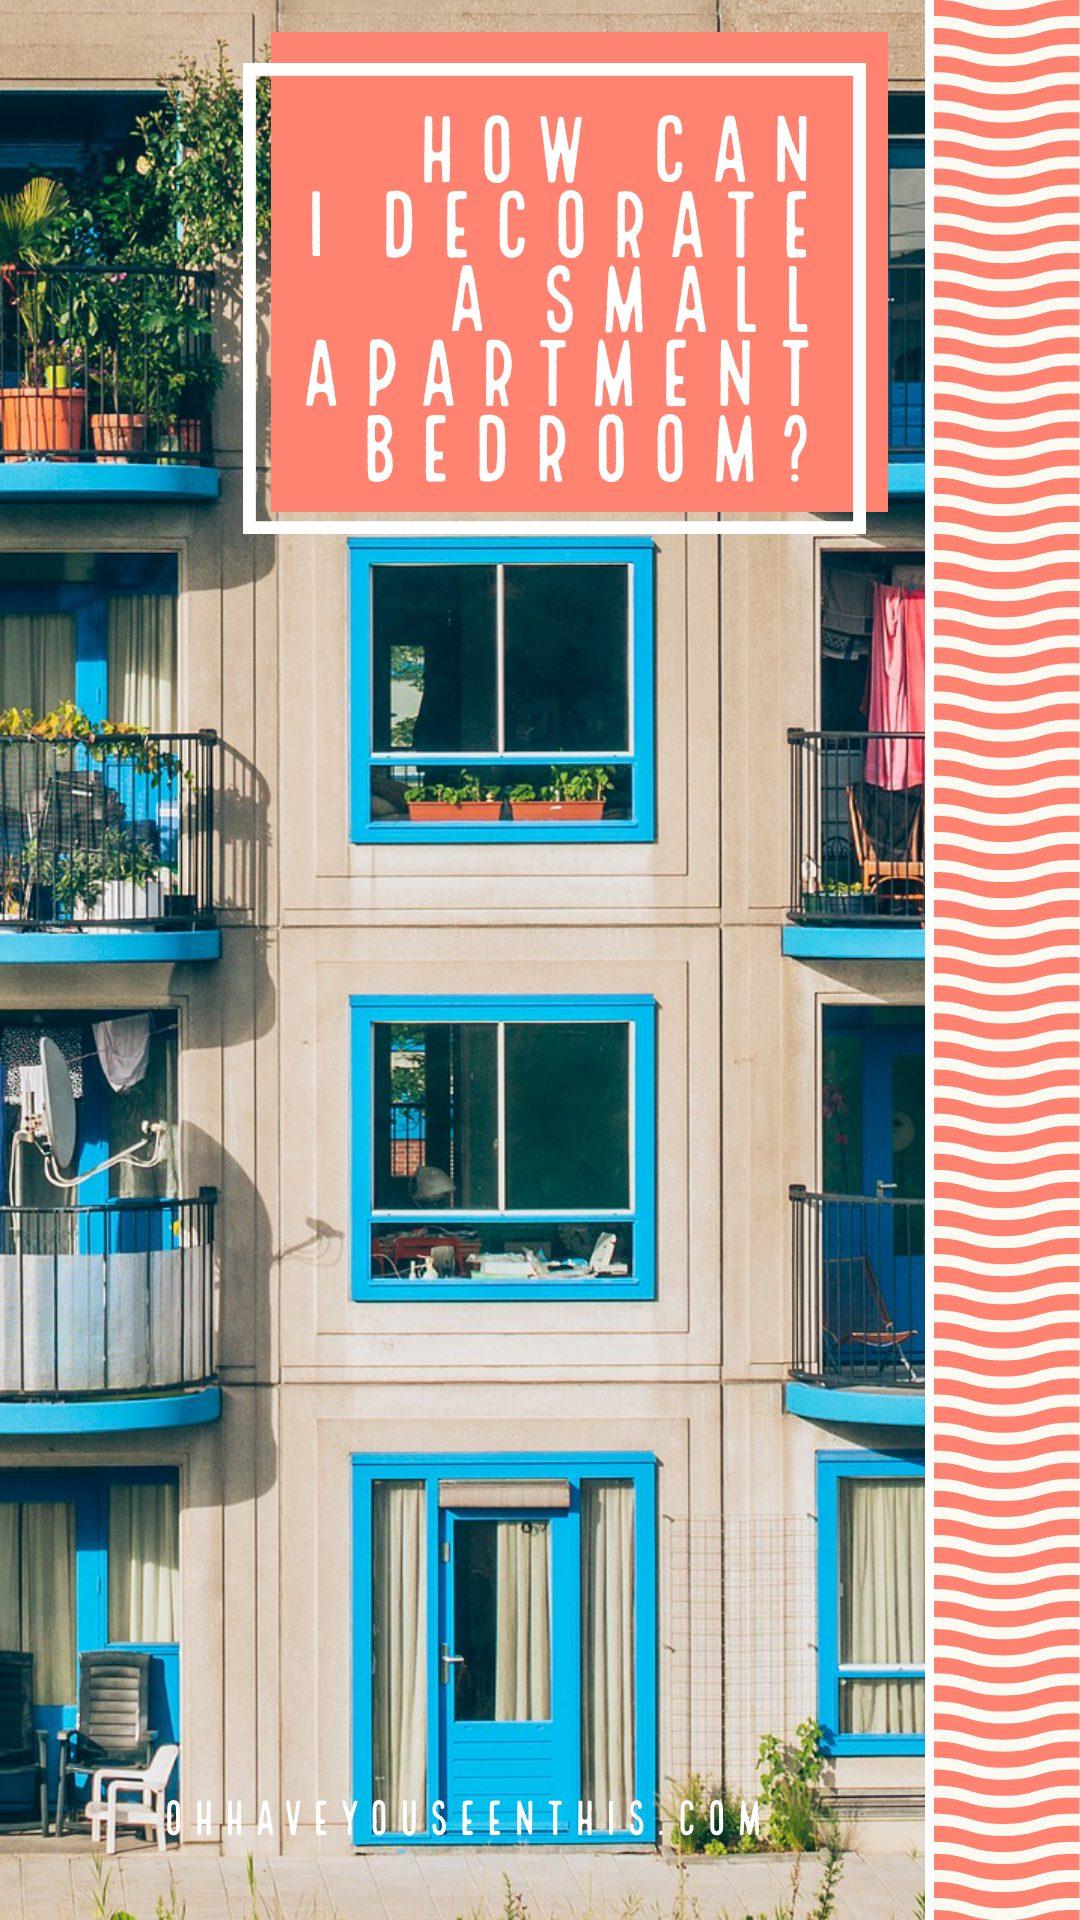 Apartement bedroom inspiration